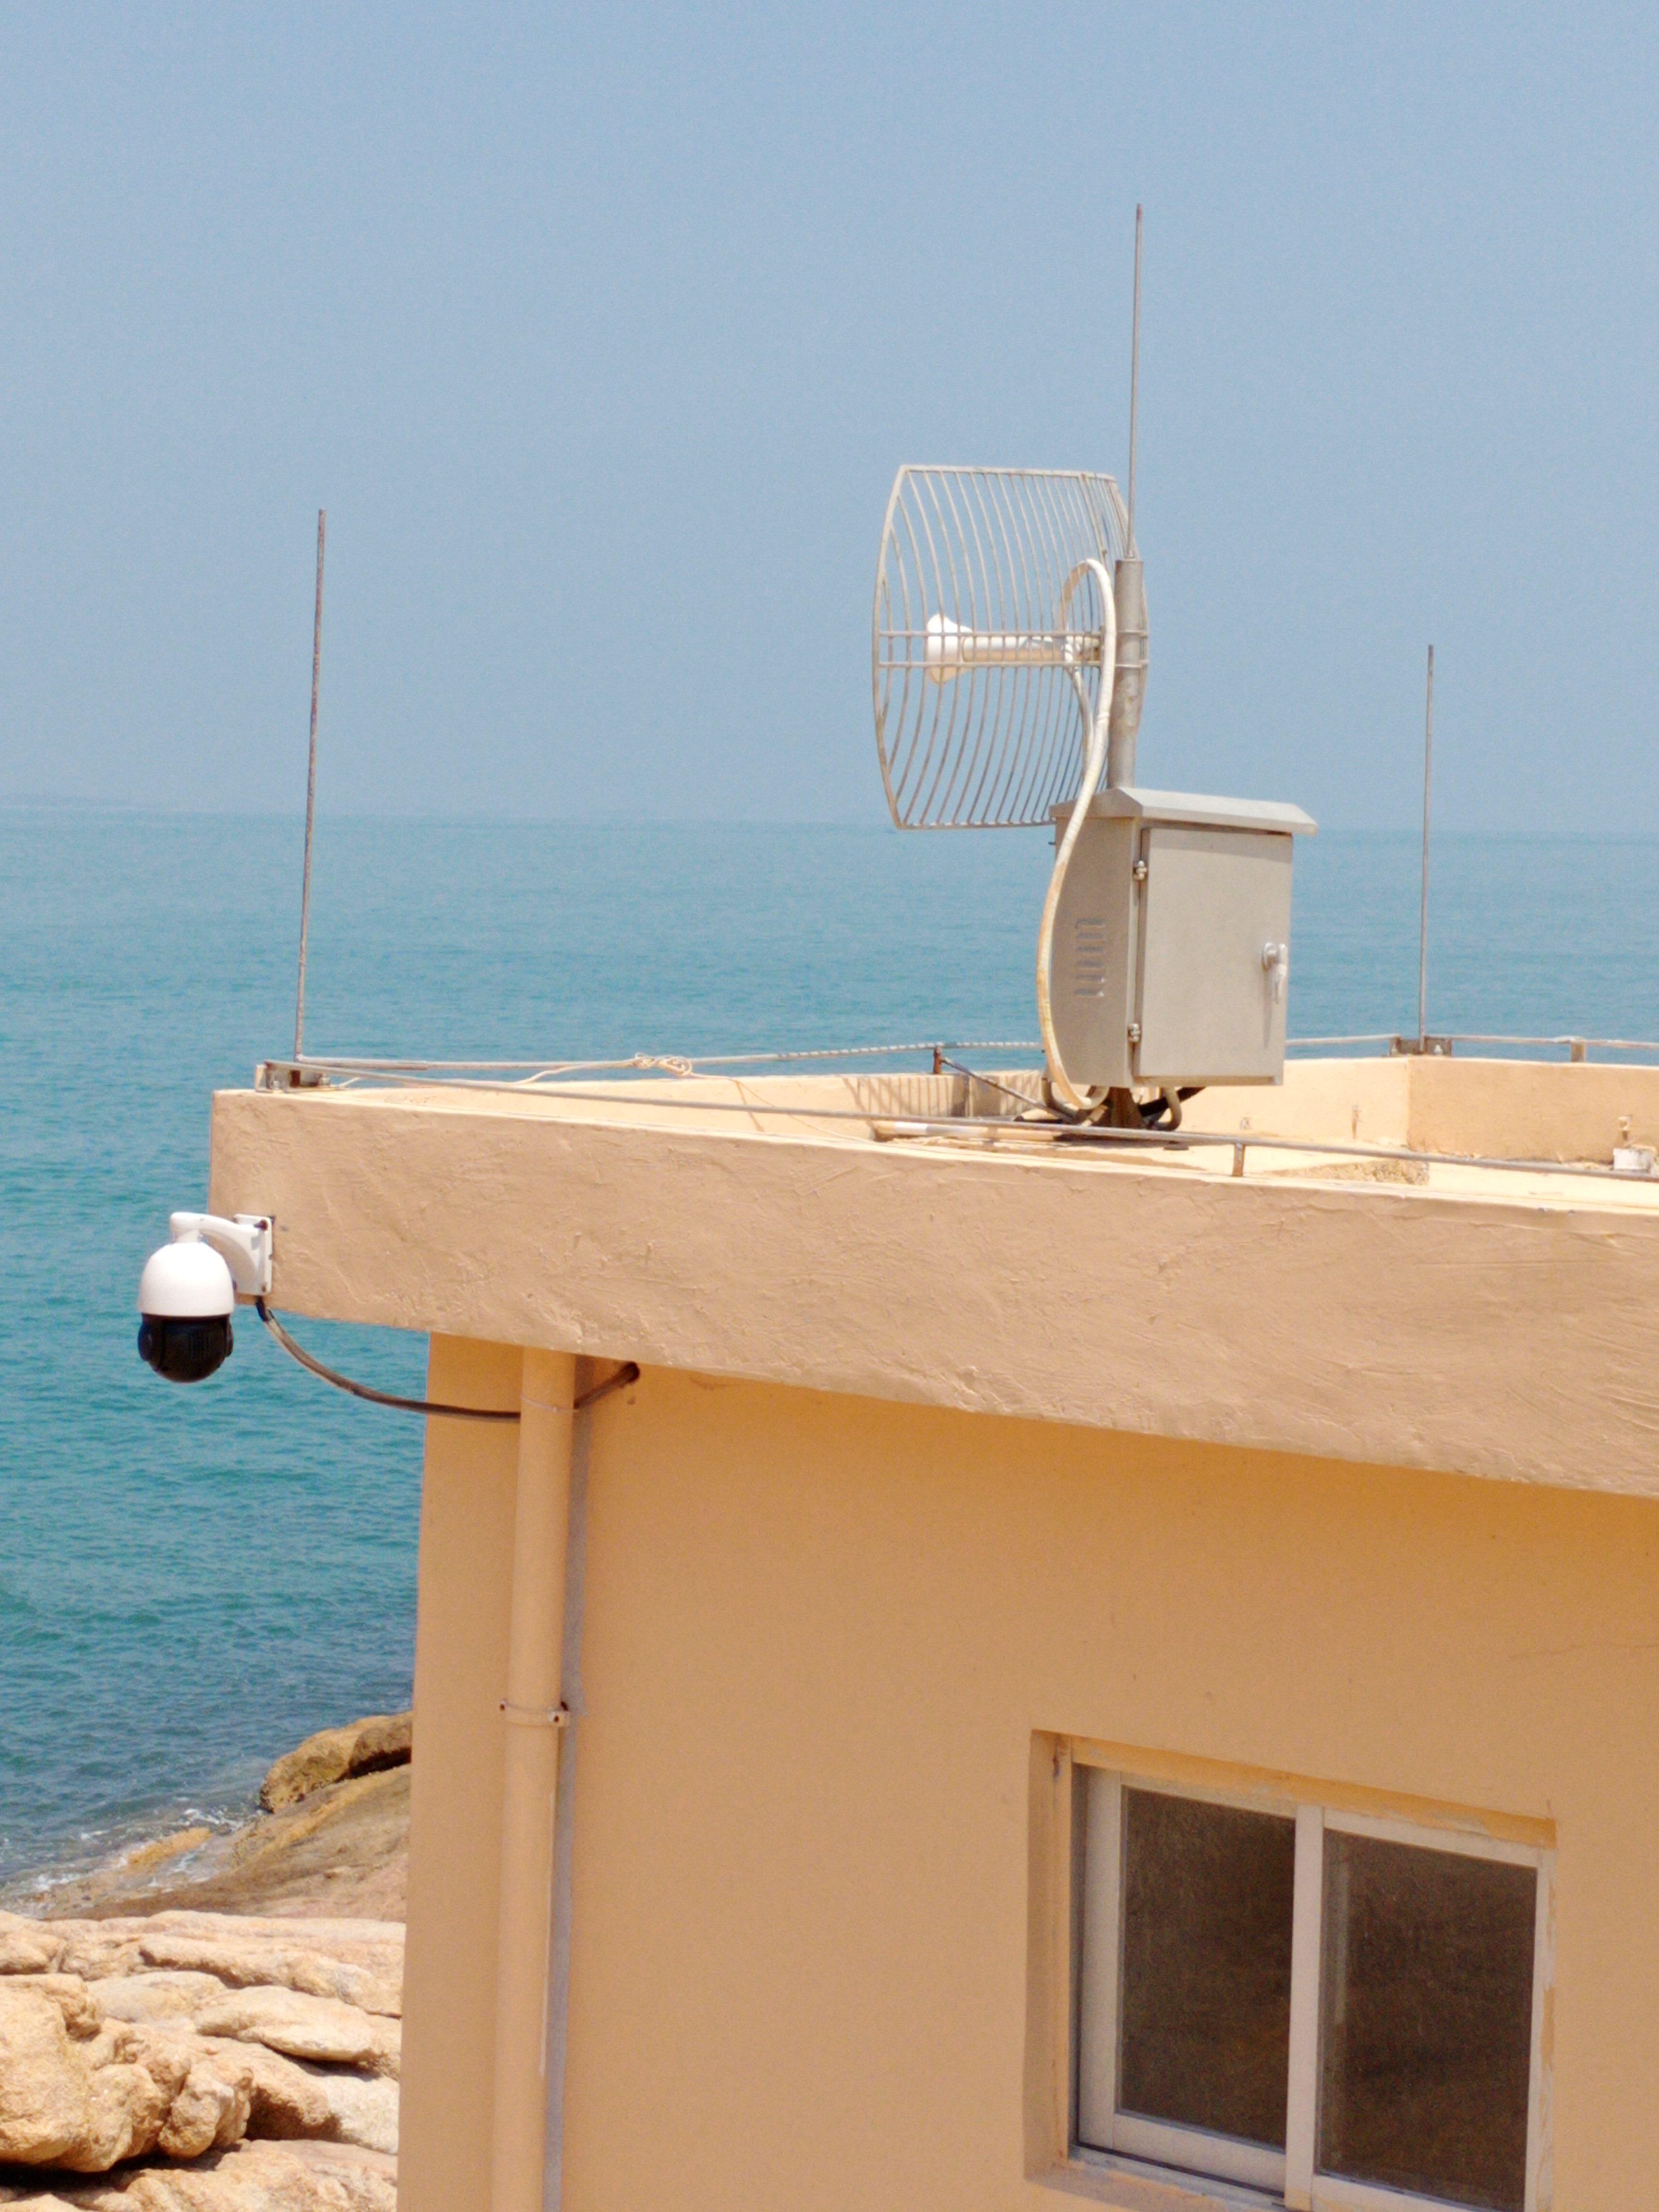 海洋牧场在线监测系统无线视频传输